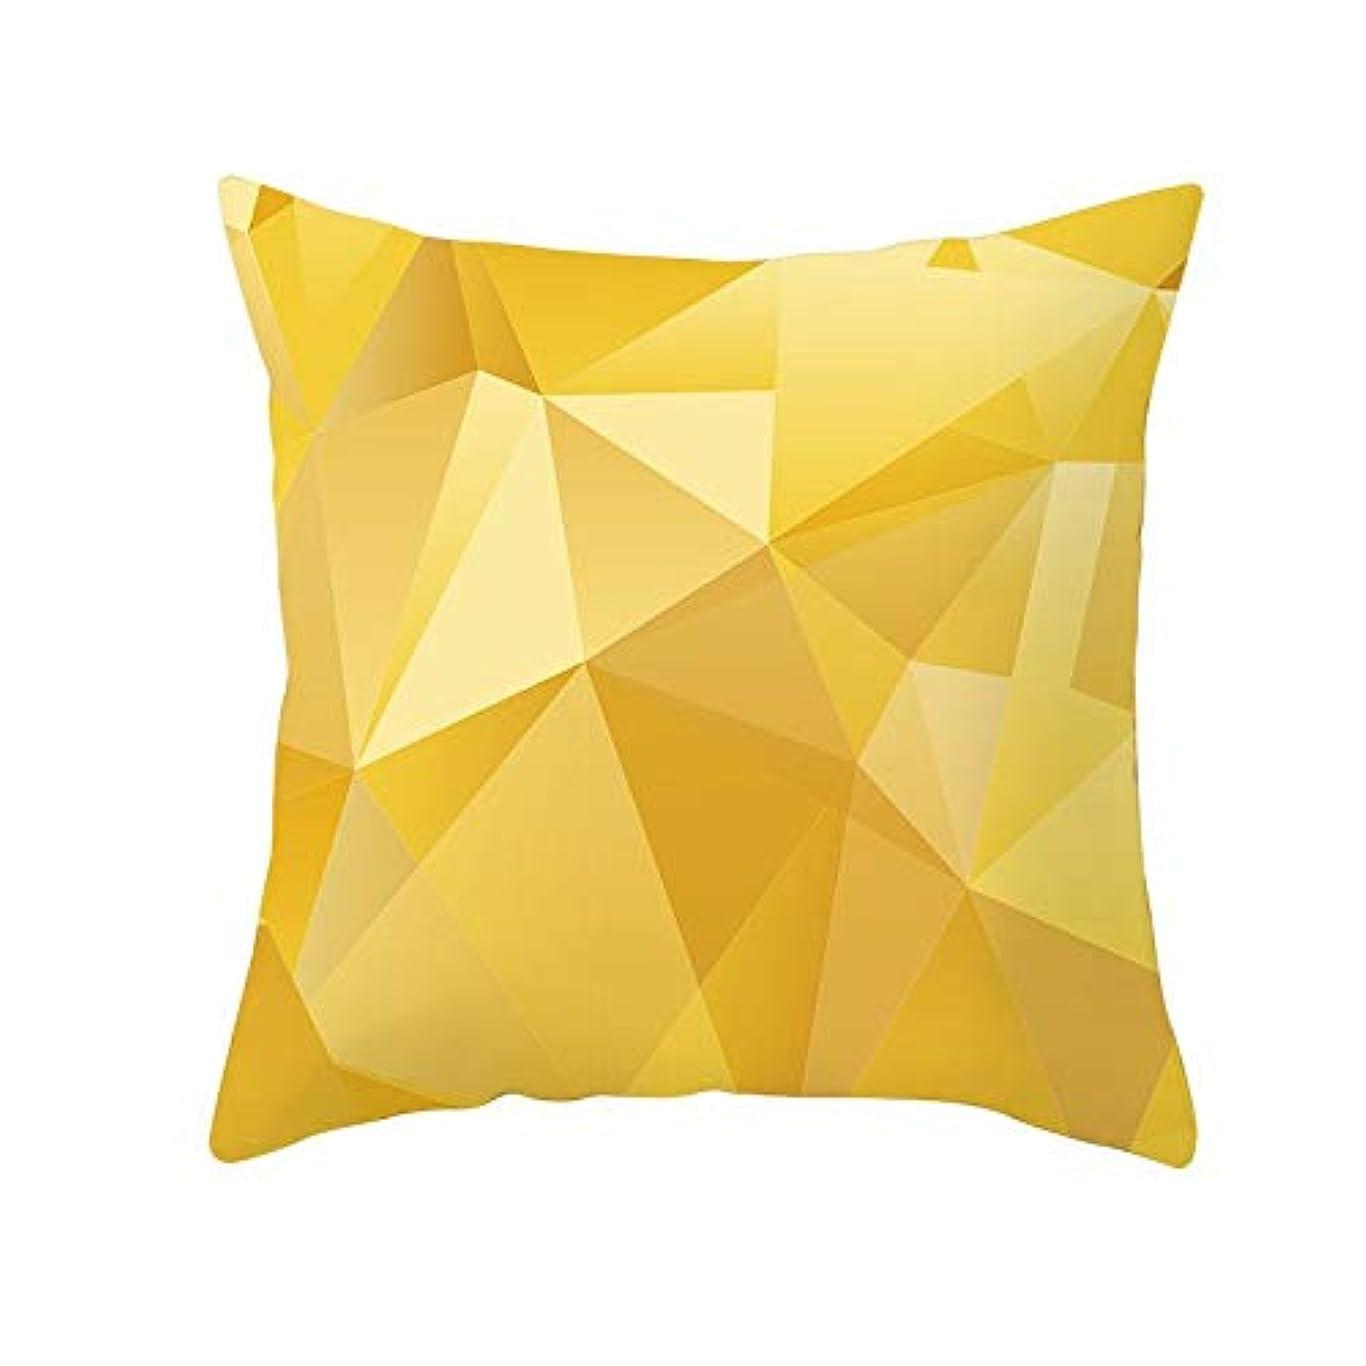 融合コインランドリー昼寝LIFE 装飾クッションソファ 幾何学プリントポリエステル正方形の枕ソファスロークッション家の装飾 coussin デ長椅子 クッション 椅子